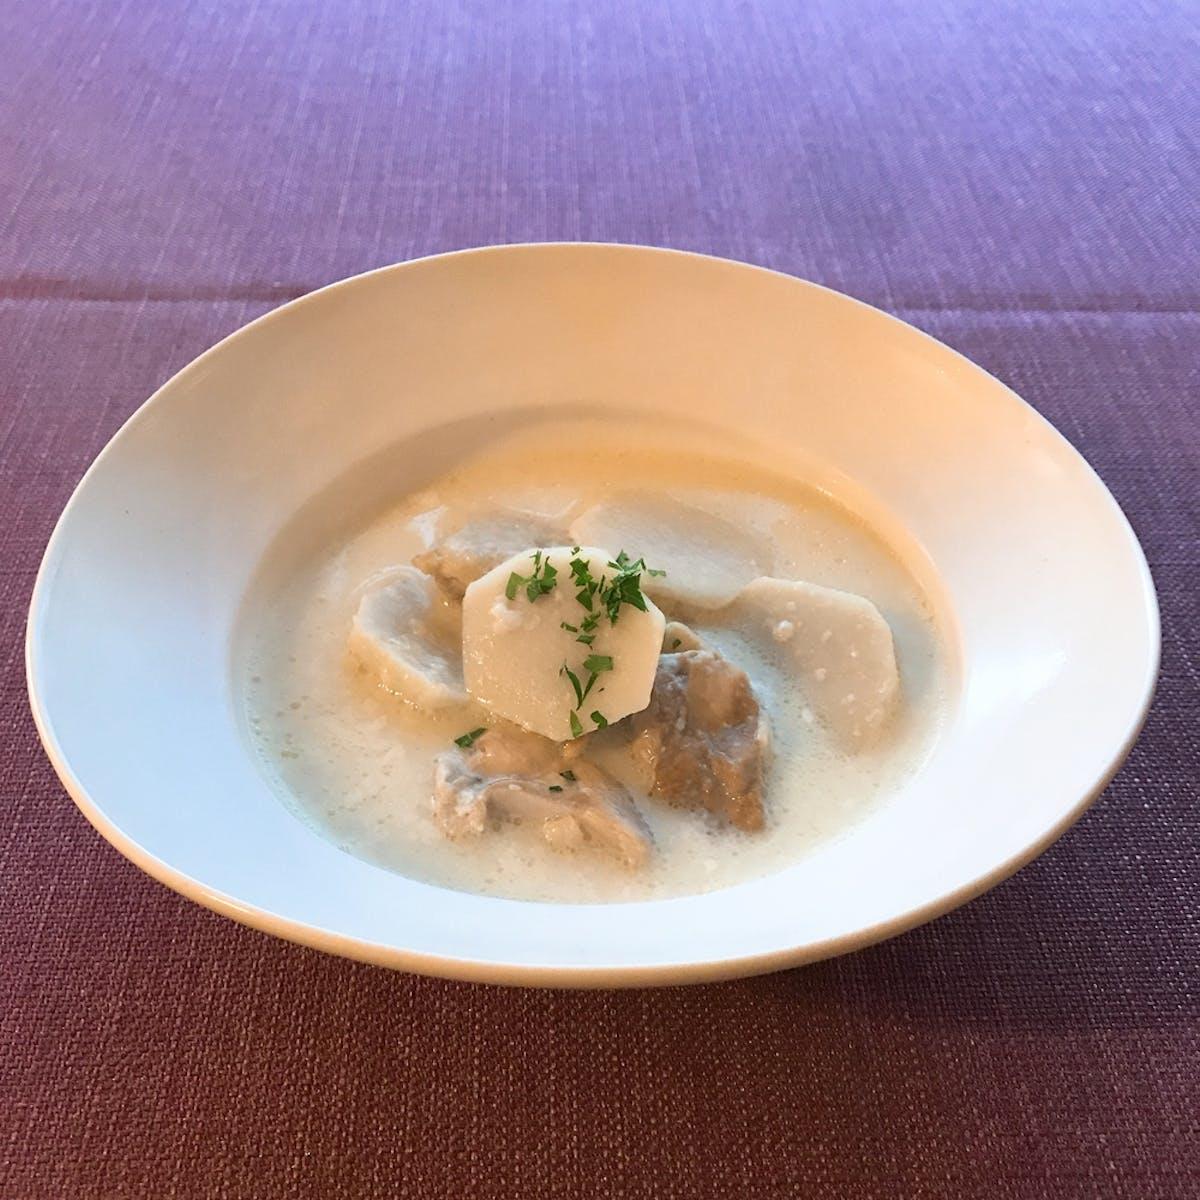 里芋と鶏肉のチーズミルクスープ